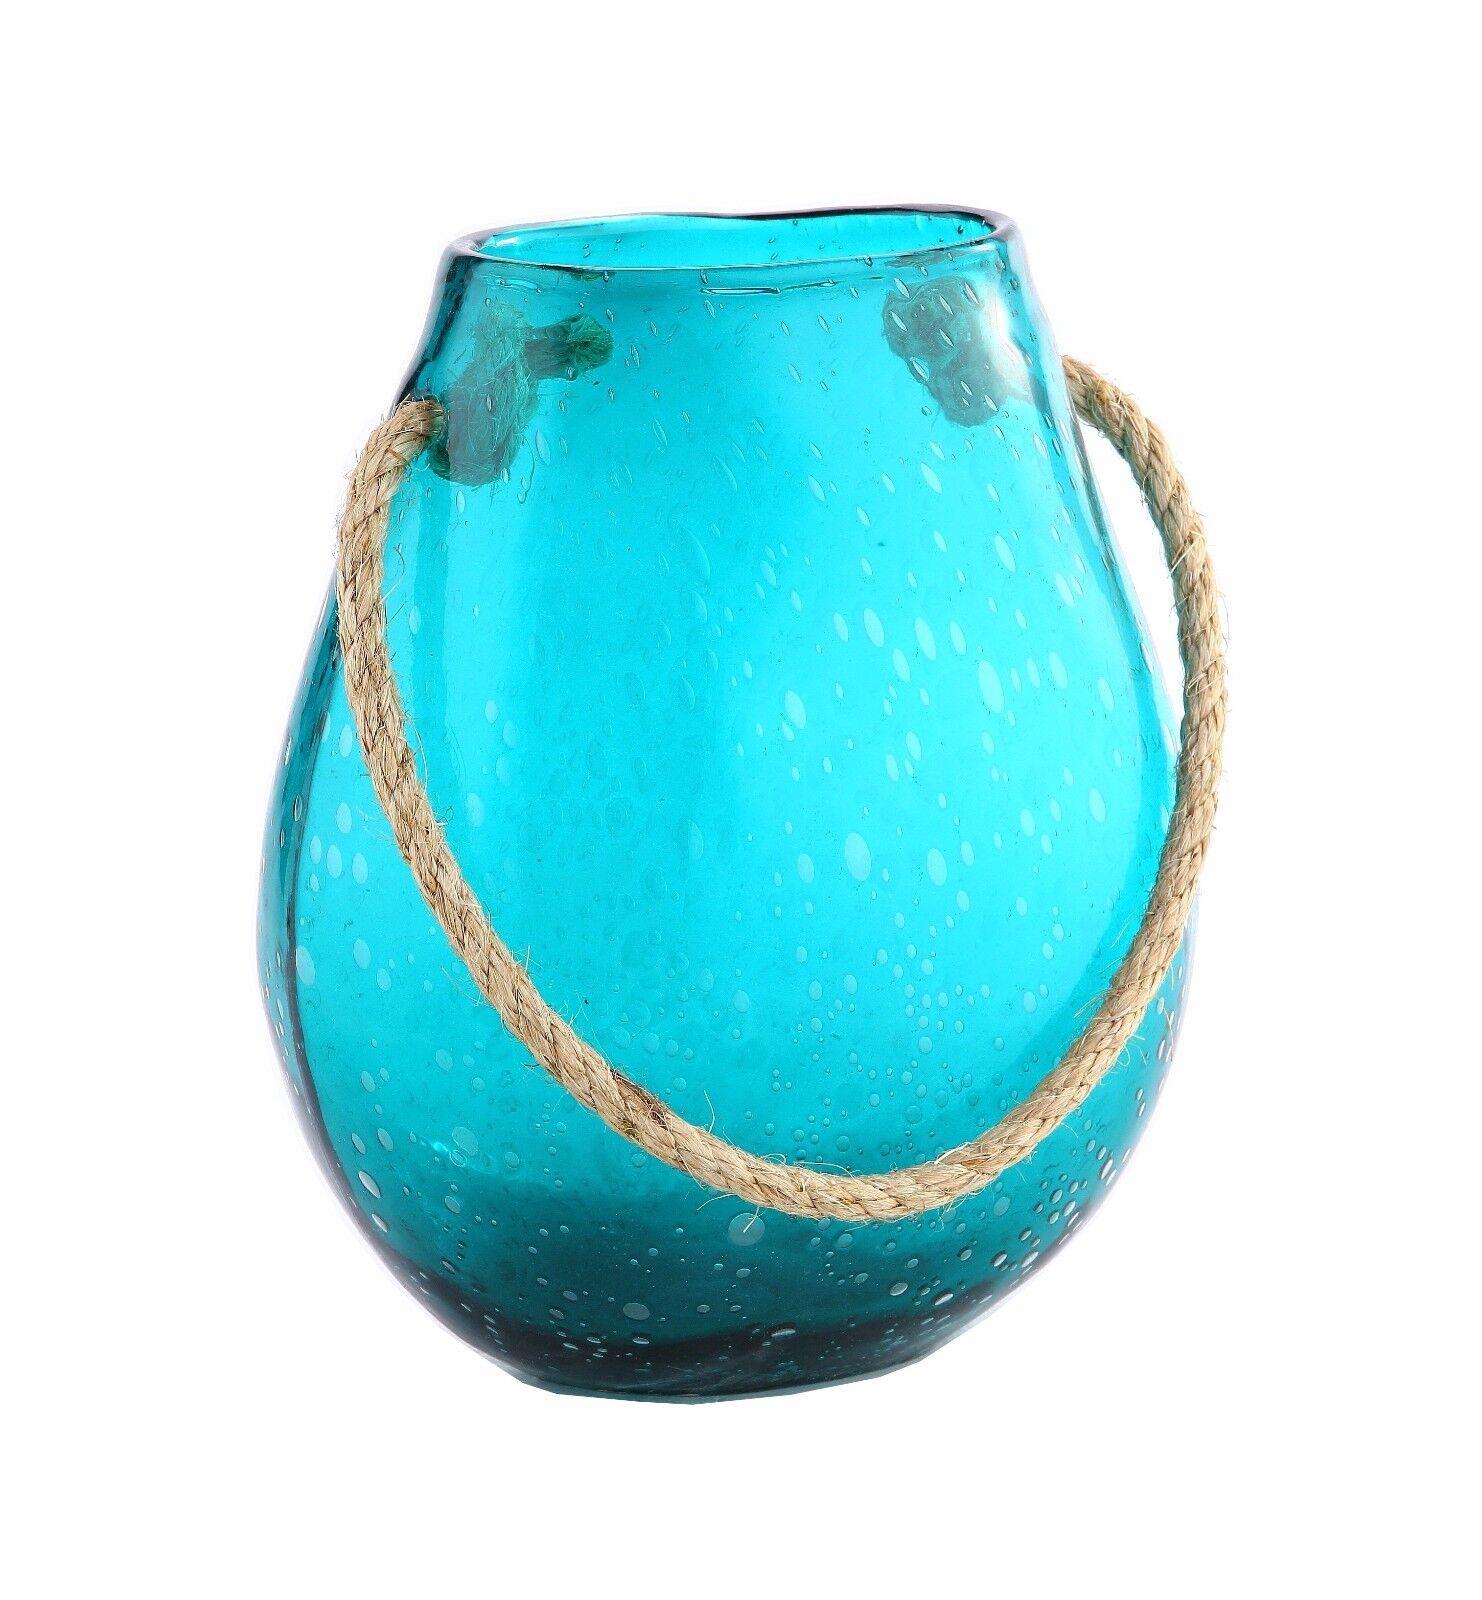 Nuevo 11  mano florero de vidrio soplado arte tq azulverde con Mango Decorativo